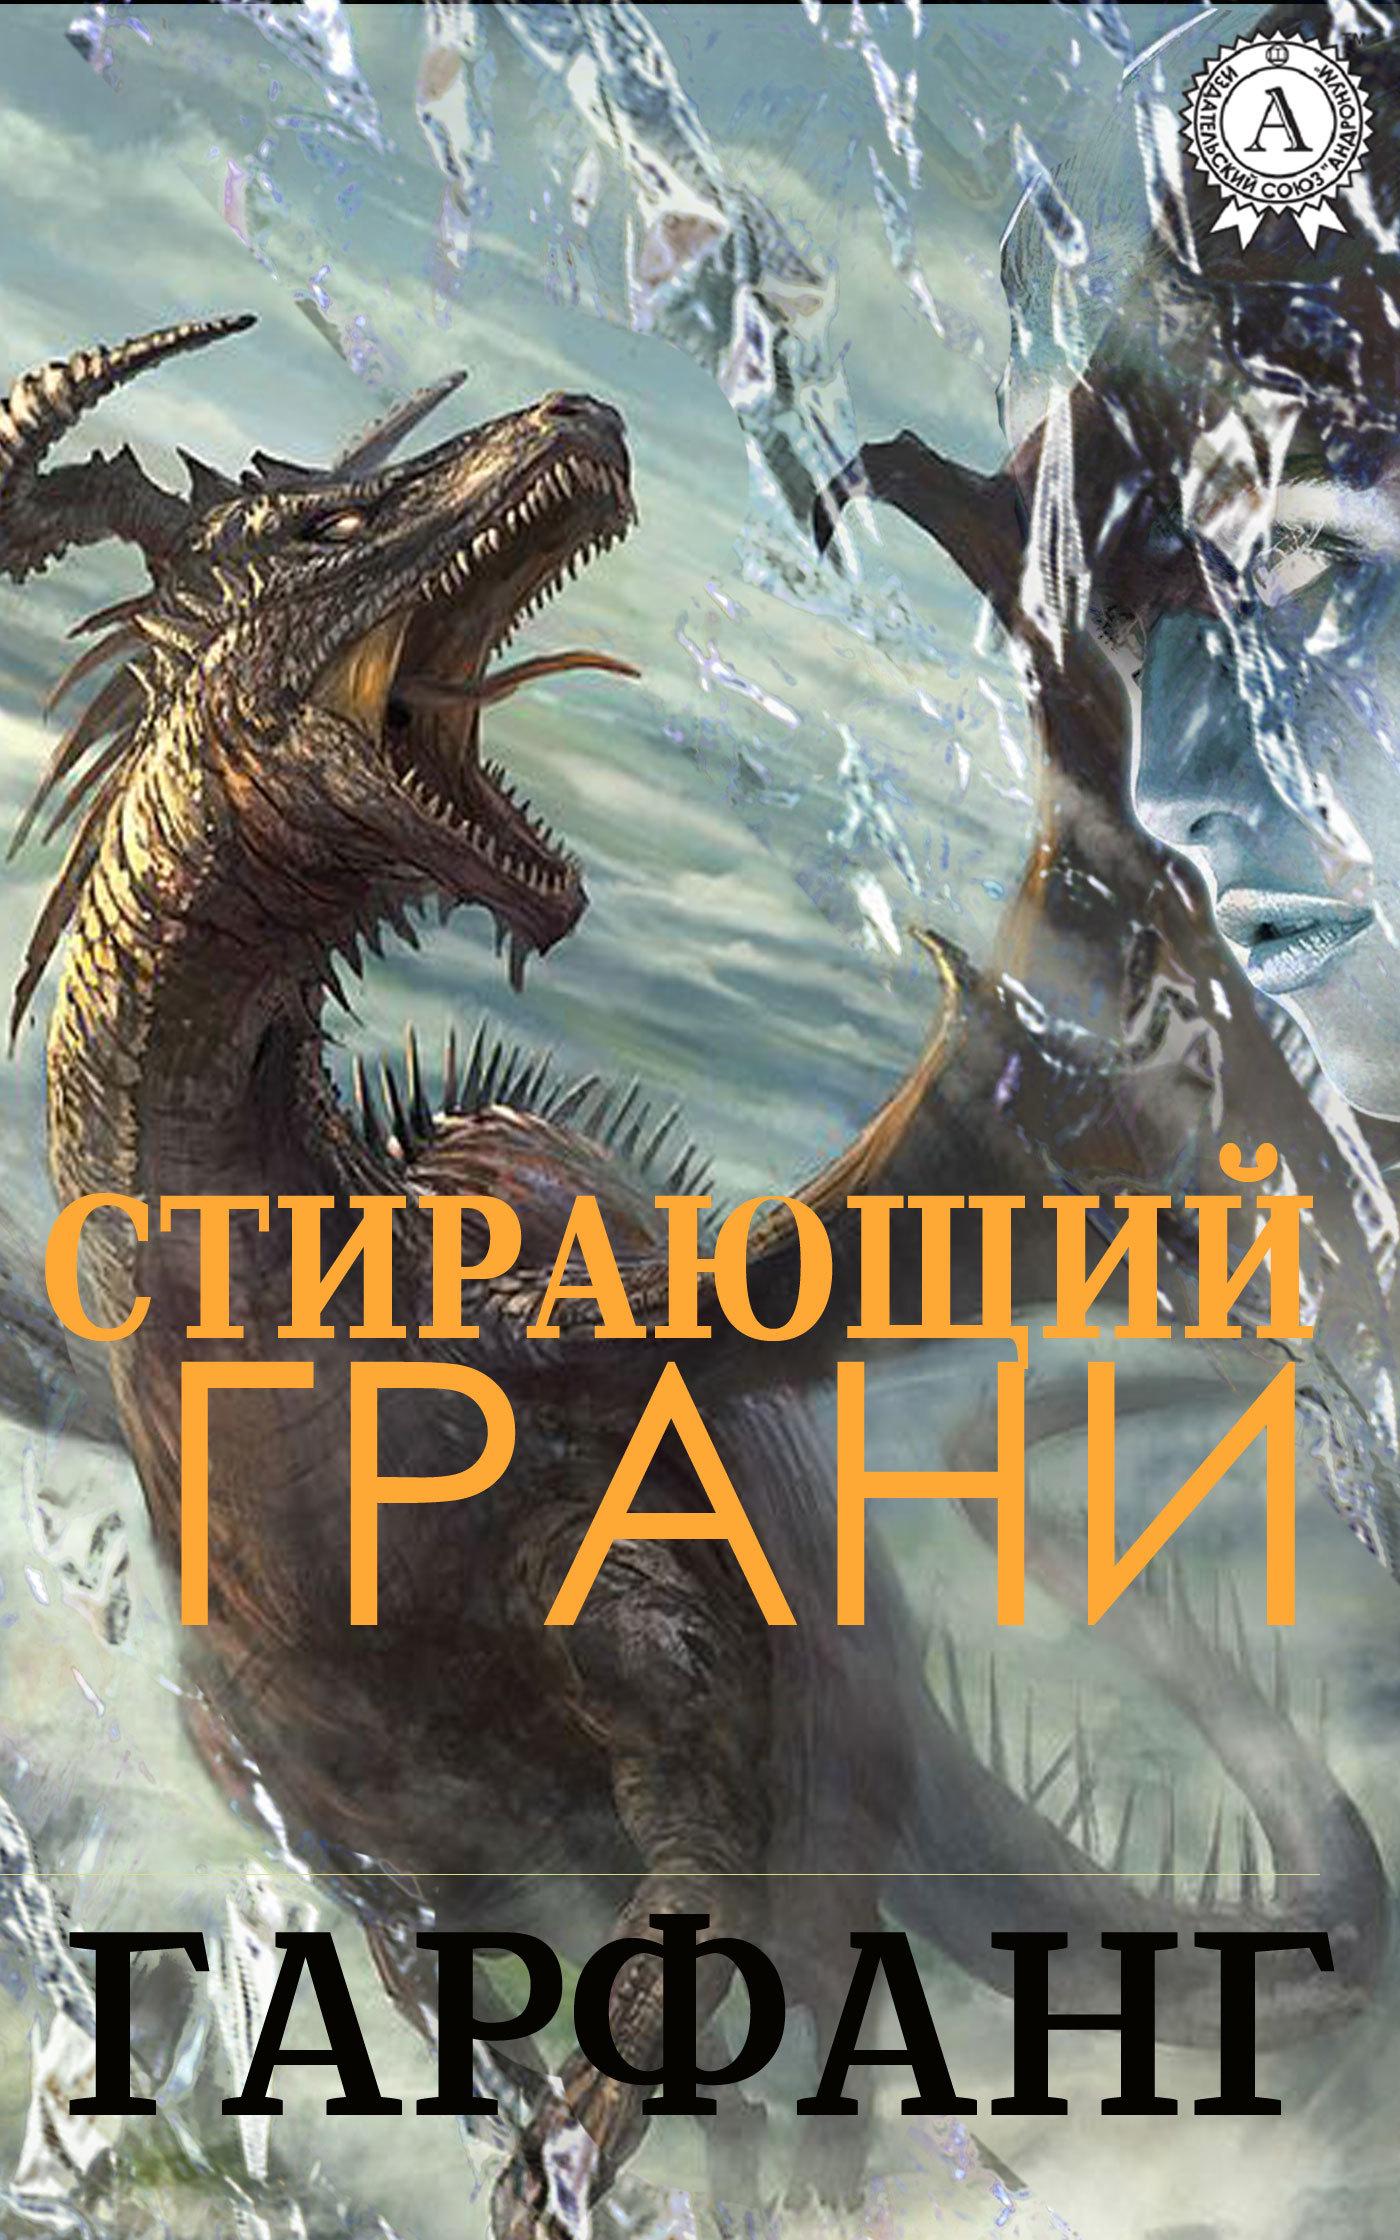 Гарфанг Стирающий грани книги эксмо буря ведьмы